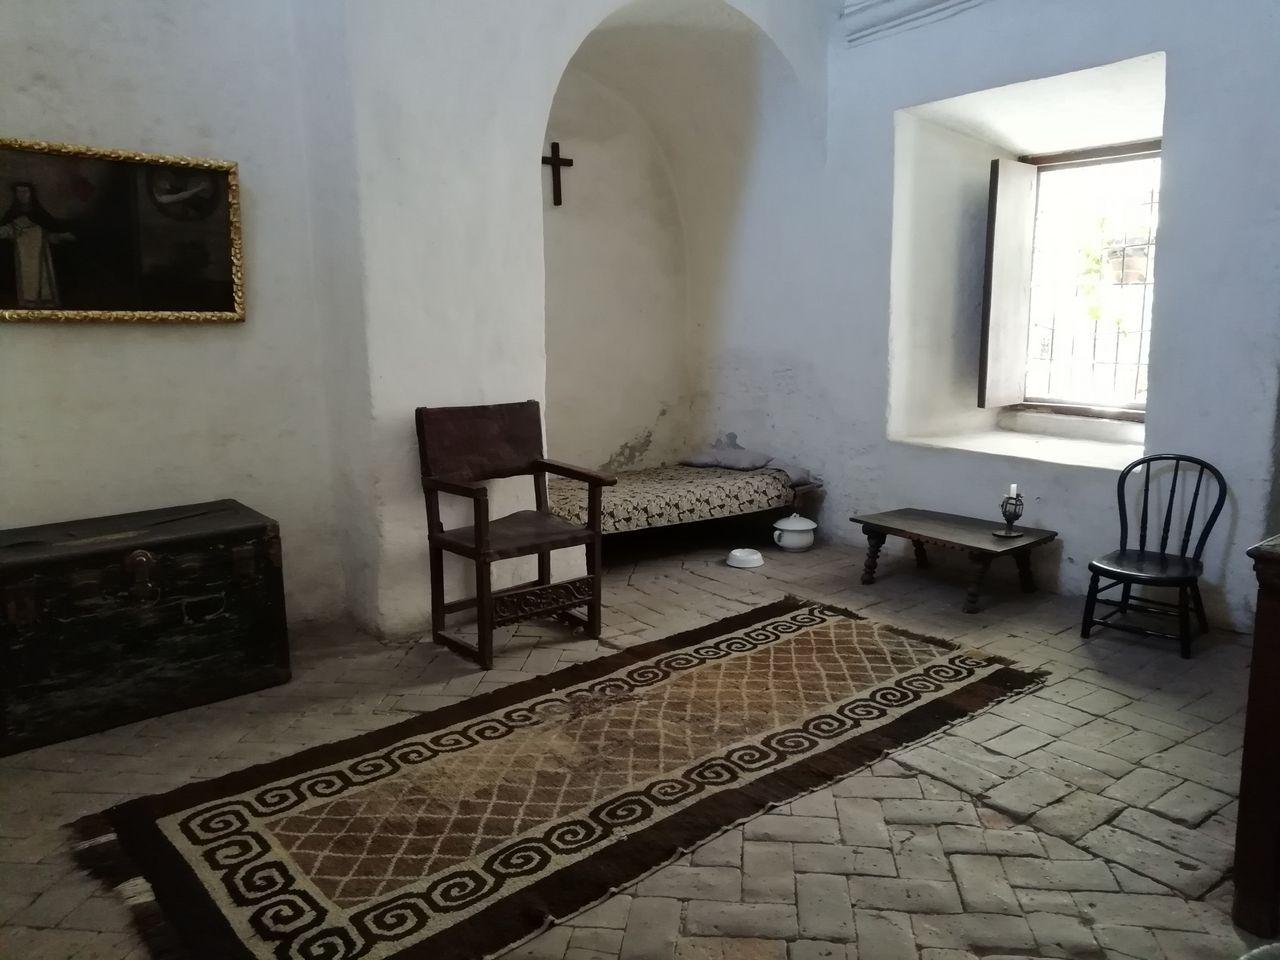 Arequipa en tres días: celda del Monasterio de Santa Catalina